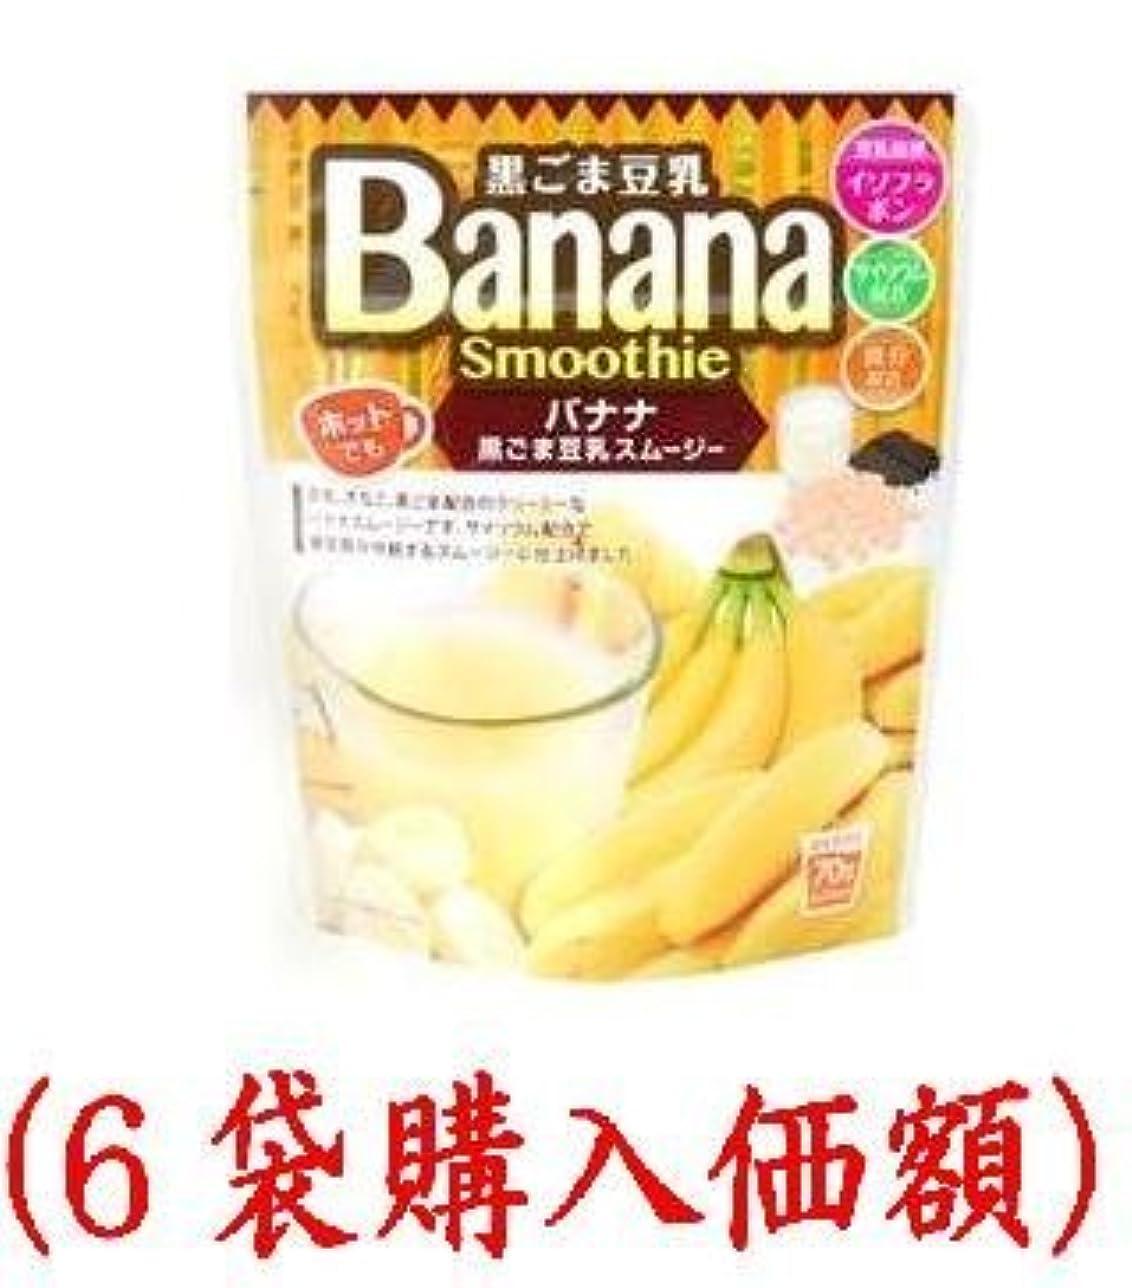 呼び出すカール独立黒ごま豆乳バナナスムージー70g〈 6袋 購入特別価額 〉